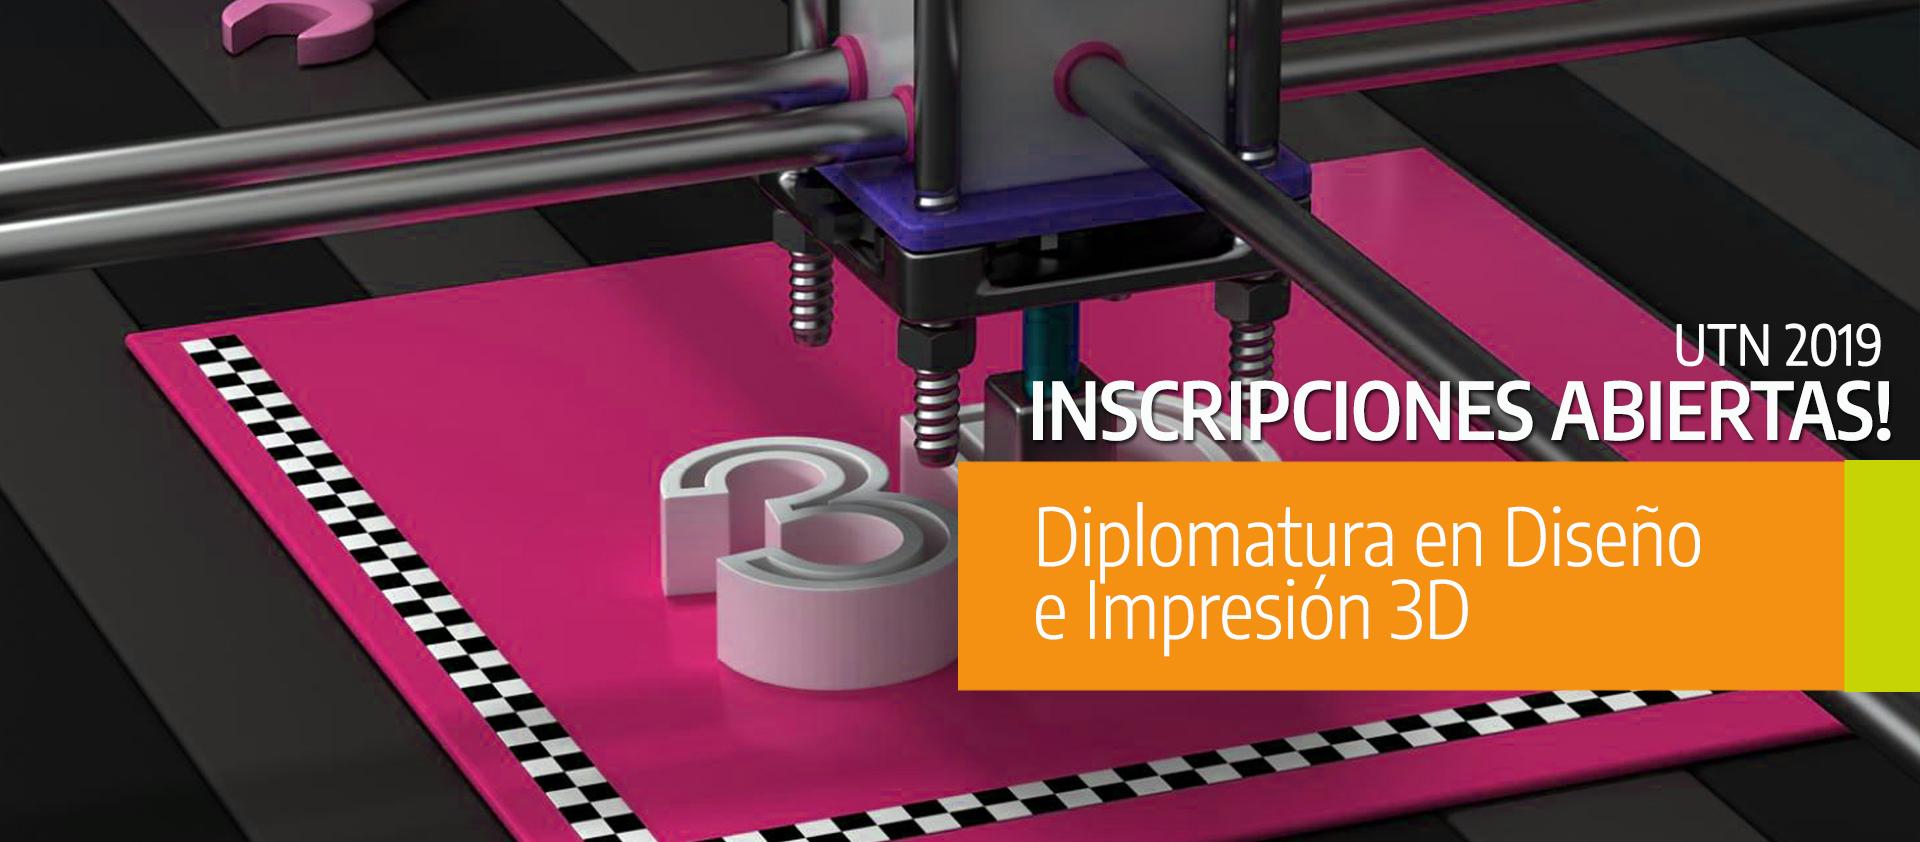 Diplomatura en Diseño e Impresión 3D